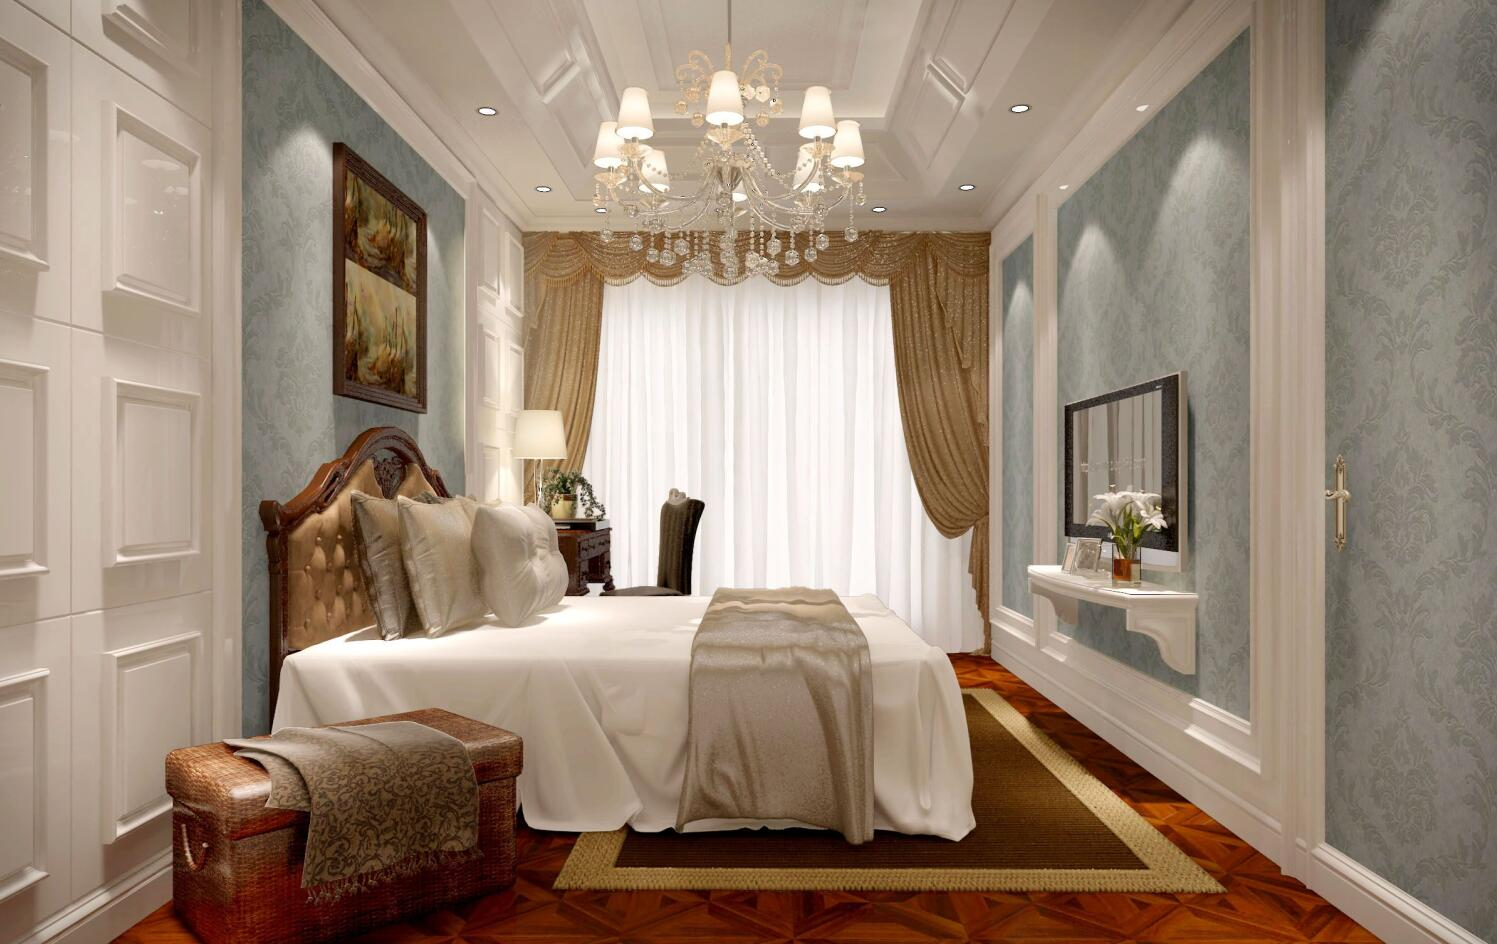 祥生御江湾 装修设计 欧式风格 腾龙设计 劳纳作品 卧室图片来自室内设计师劳纳在祥生御江湾大宅欧式风格的分享